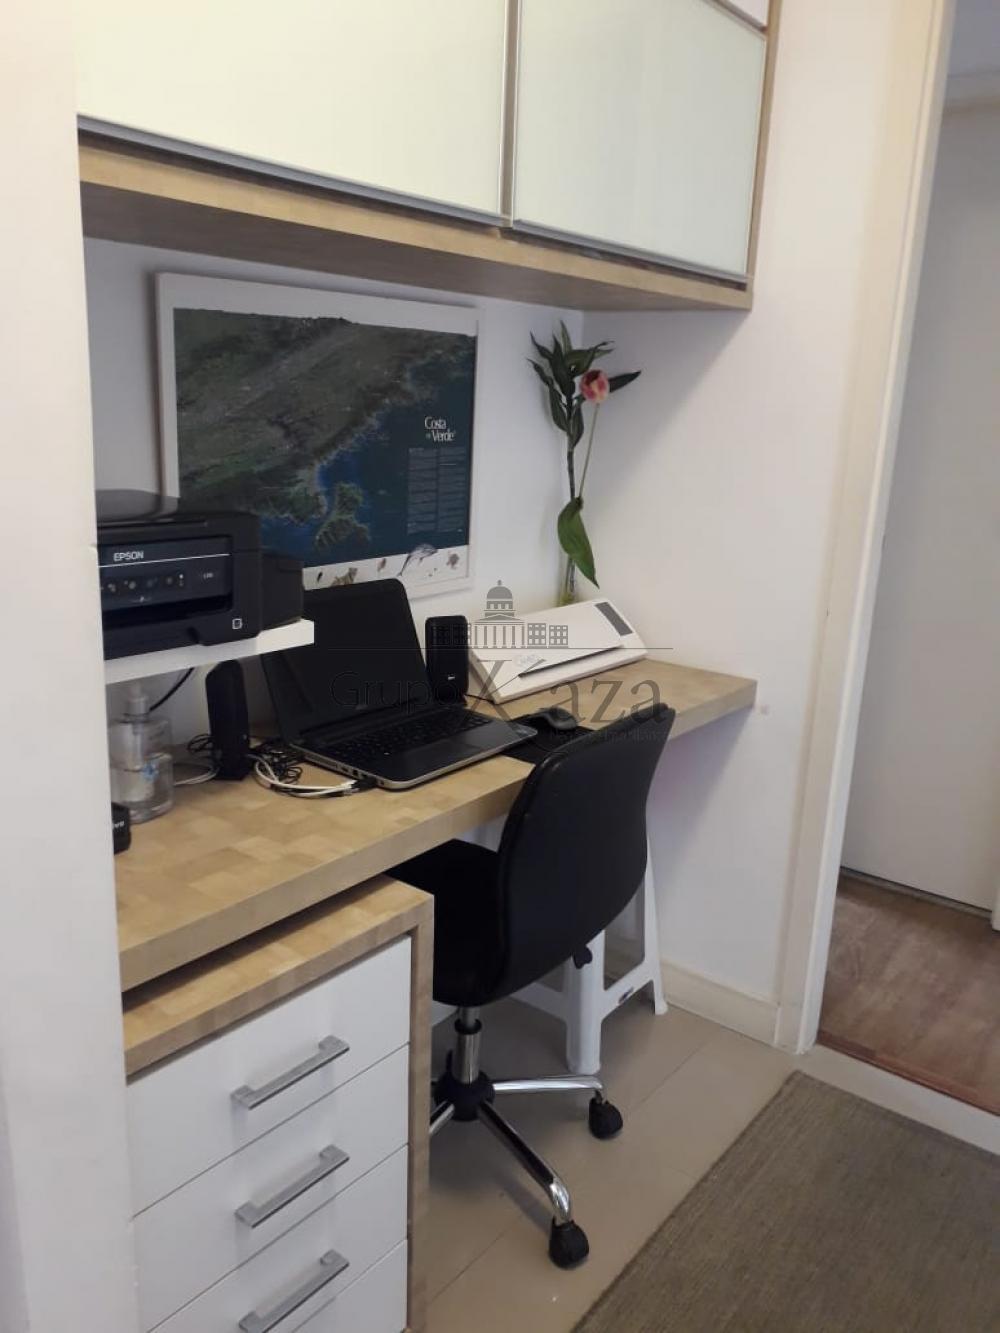 Comprar Apartamento / Padrão em São José dos Campos apenas R$ 530.000,00 - Foto 9